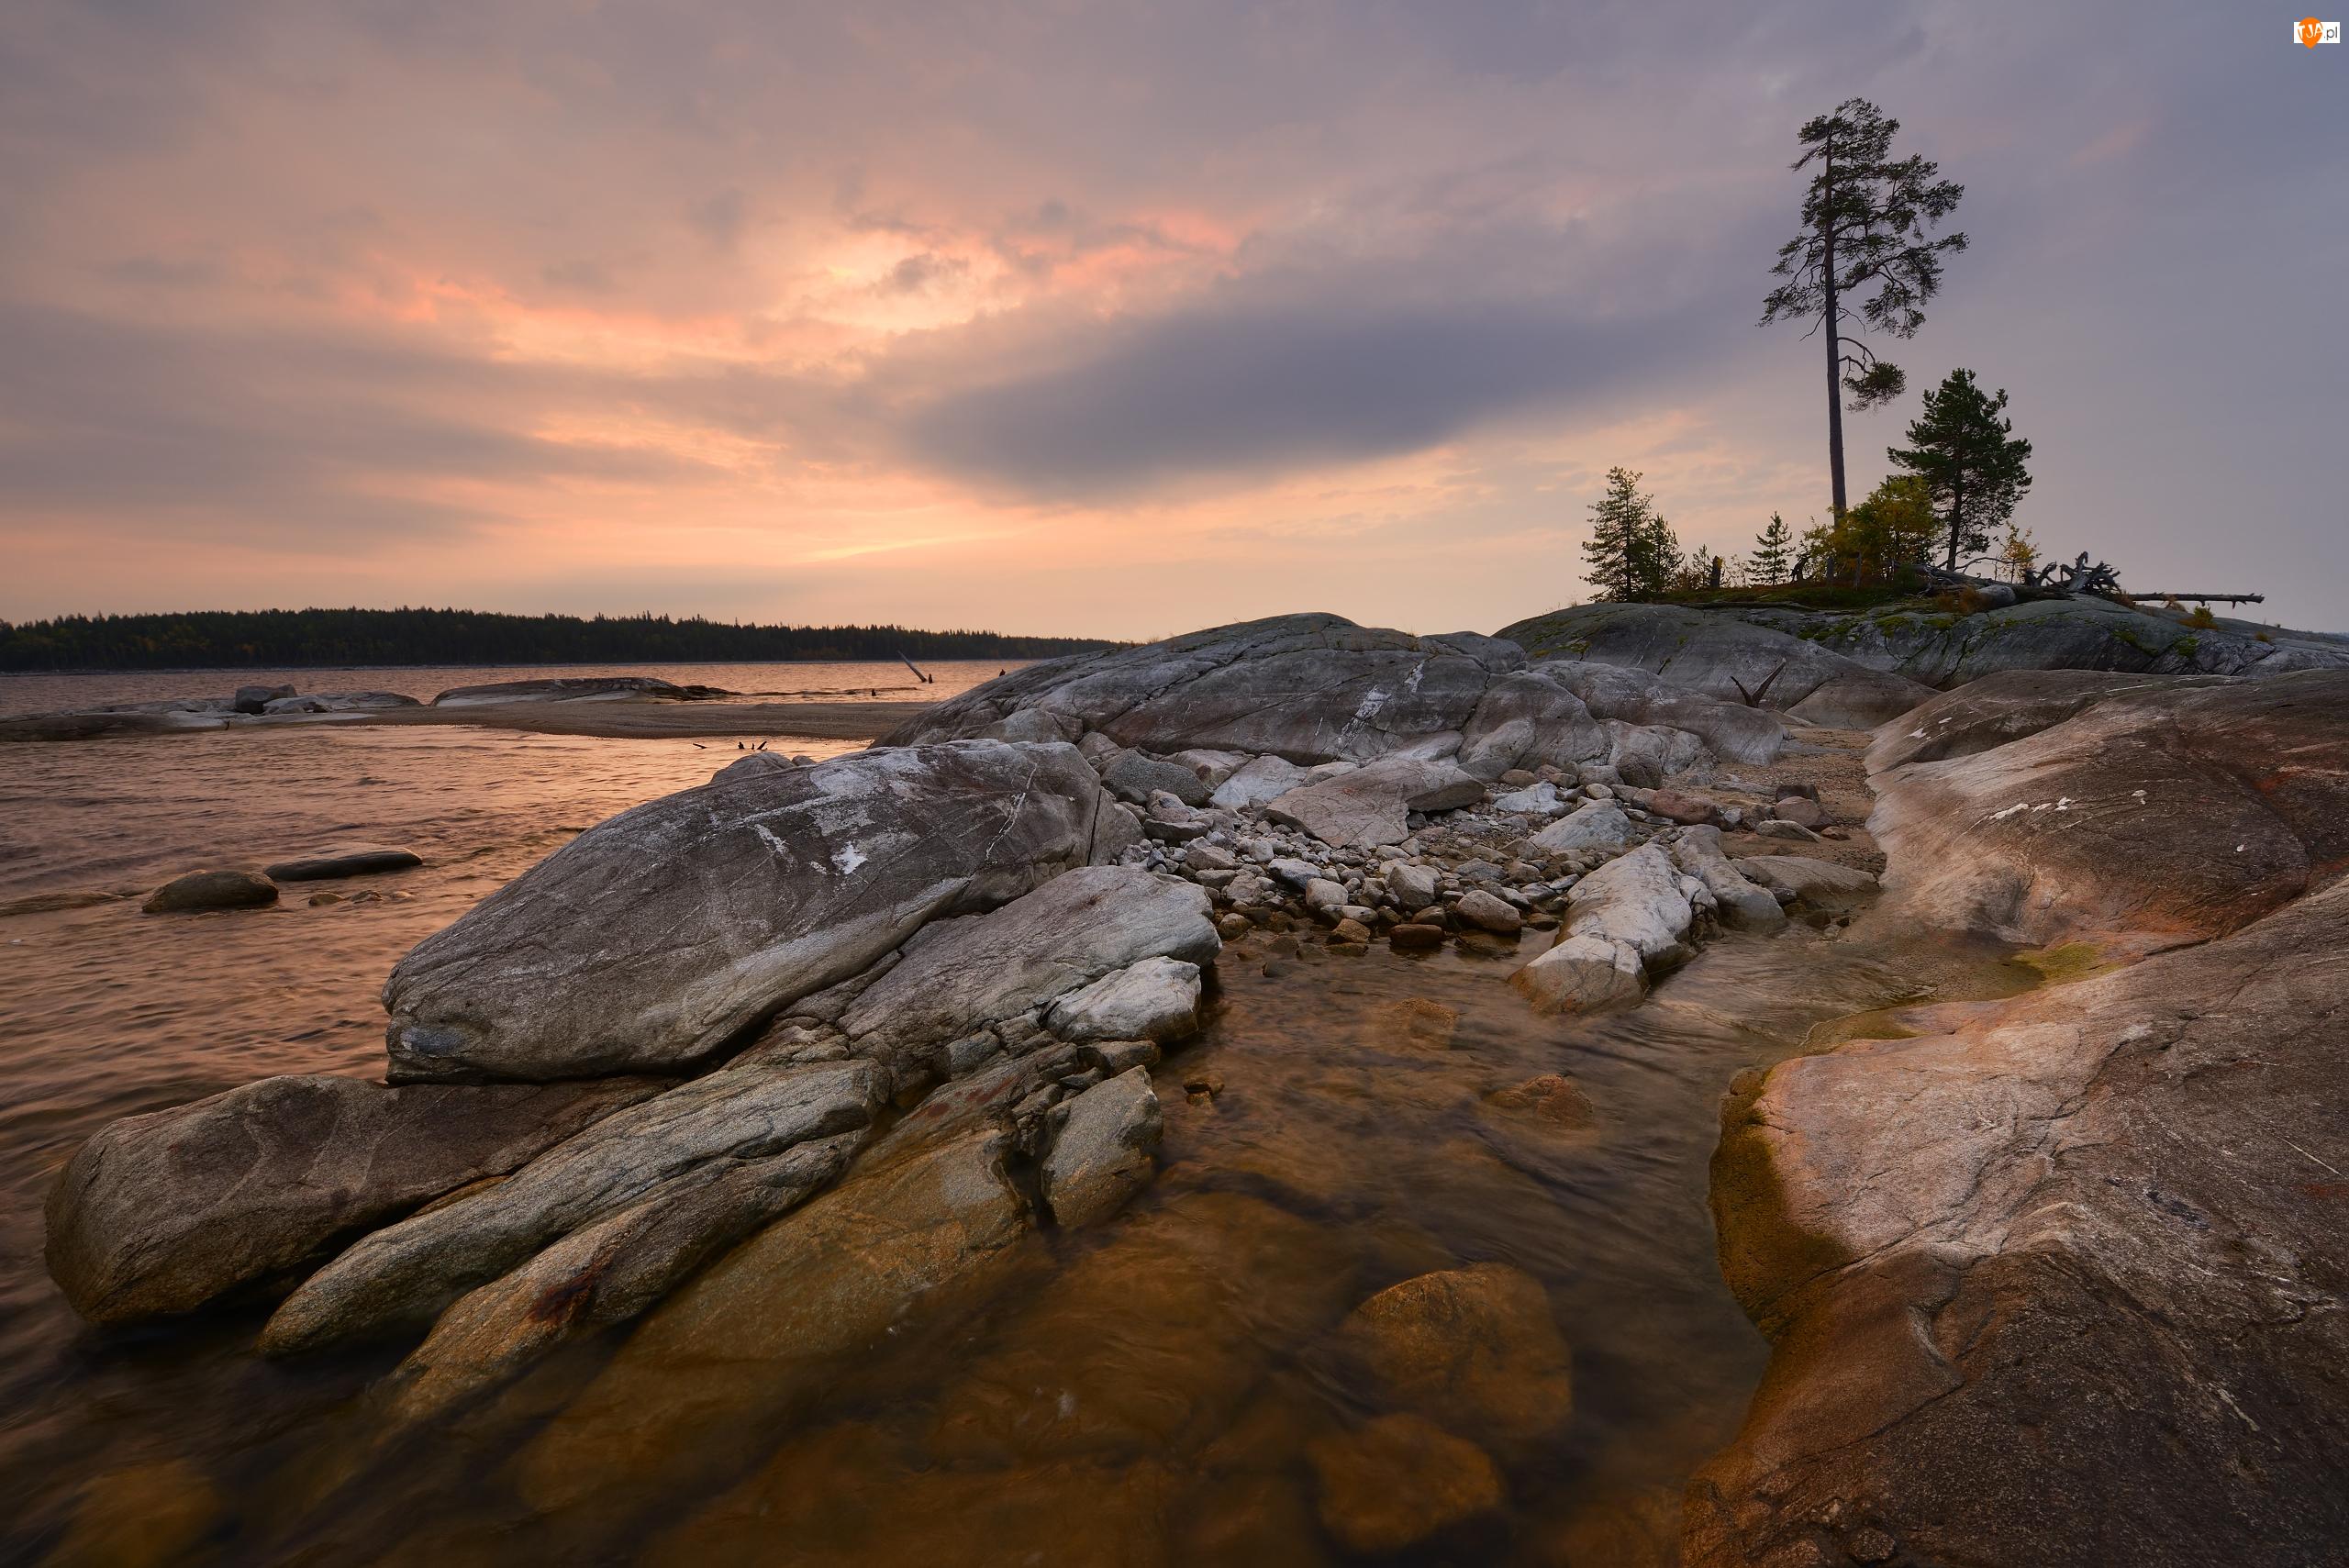 Jezioro Siegoziero, Drzewa, Karelia, Rosja, Skały